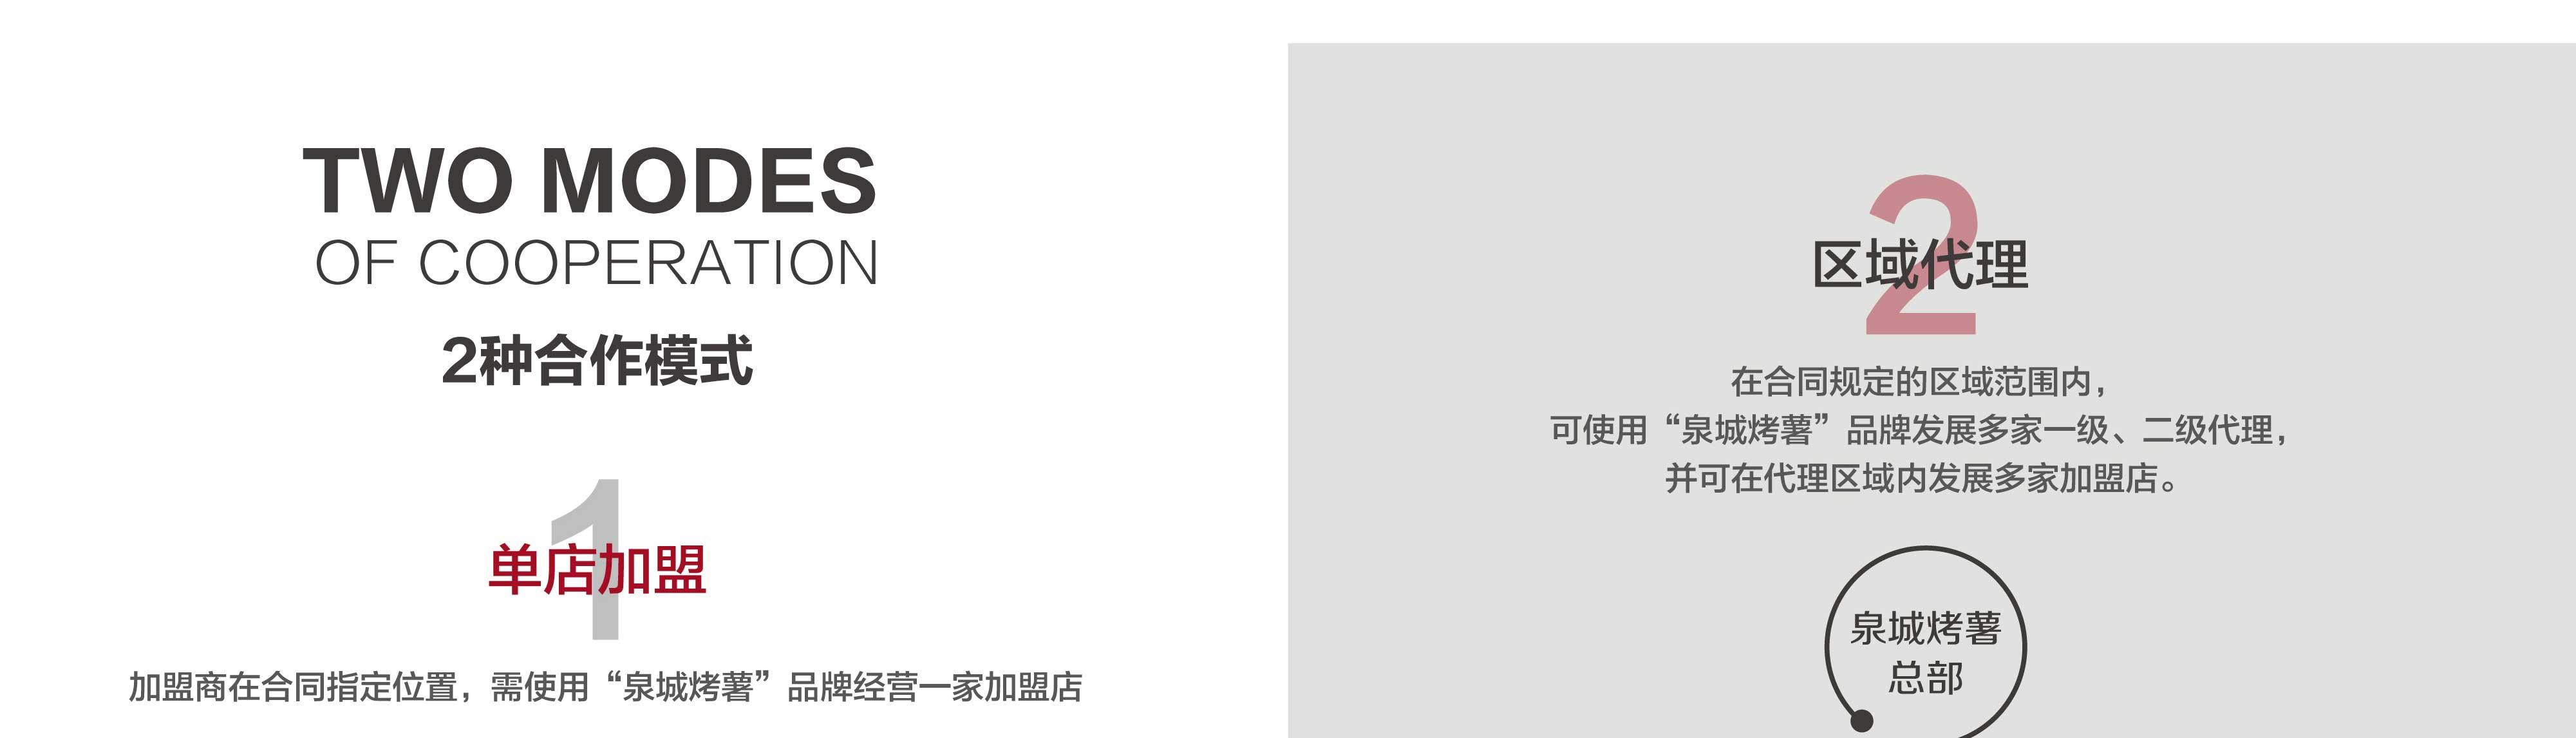 合作模式_01.jpg